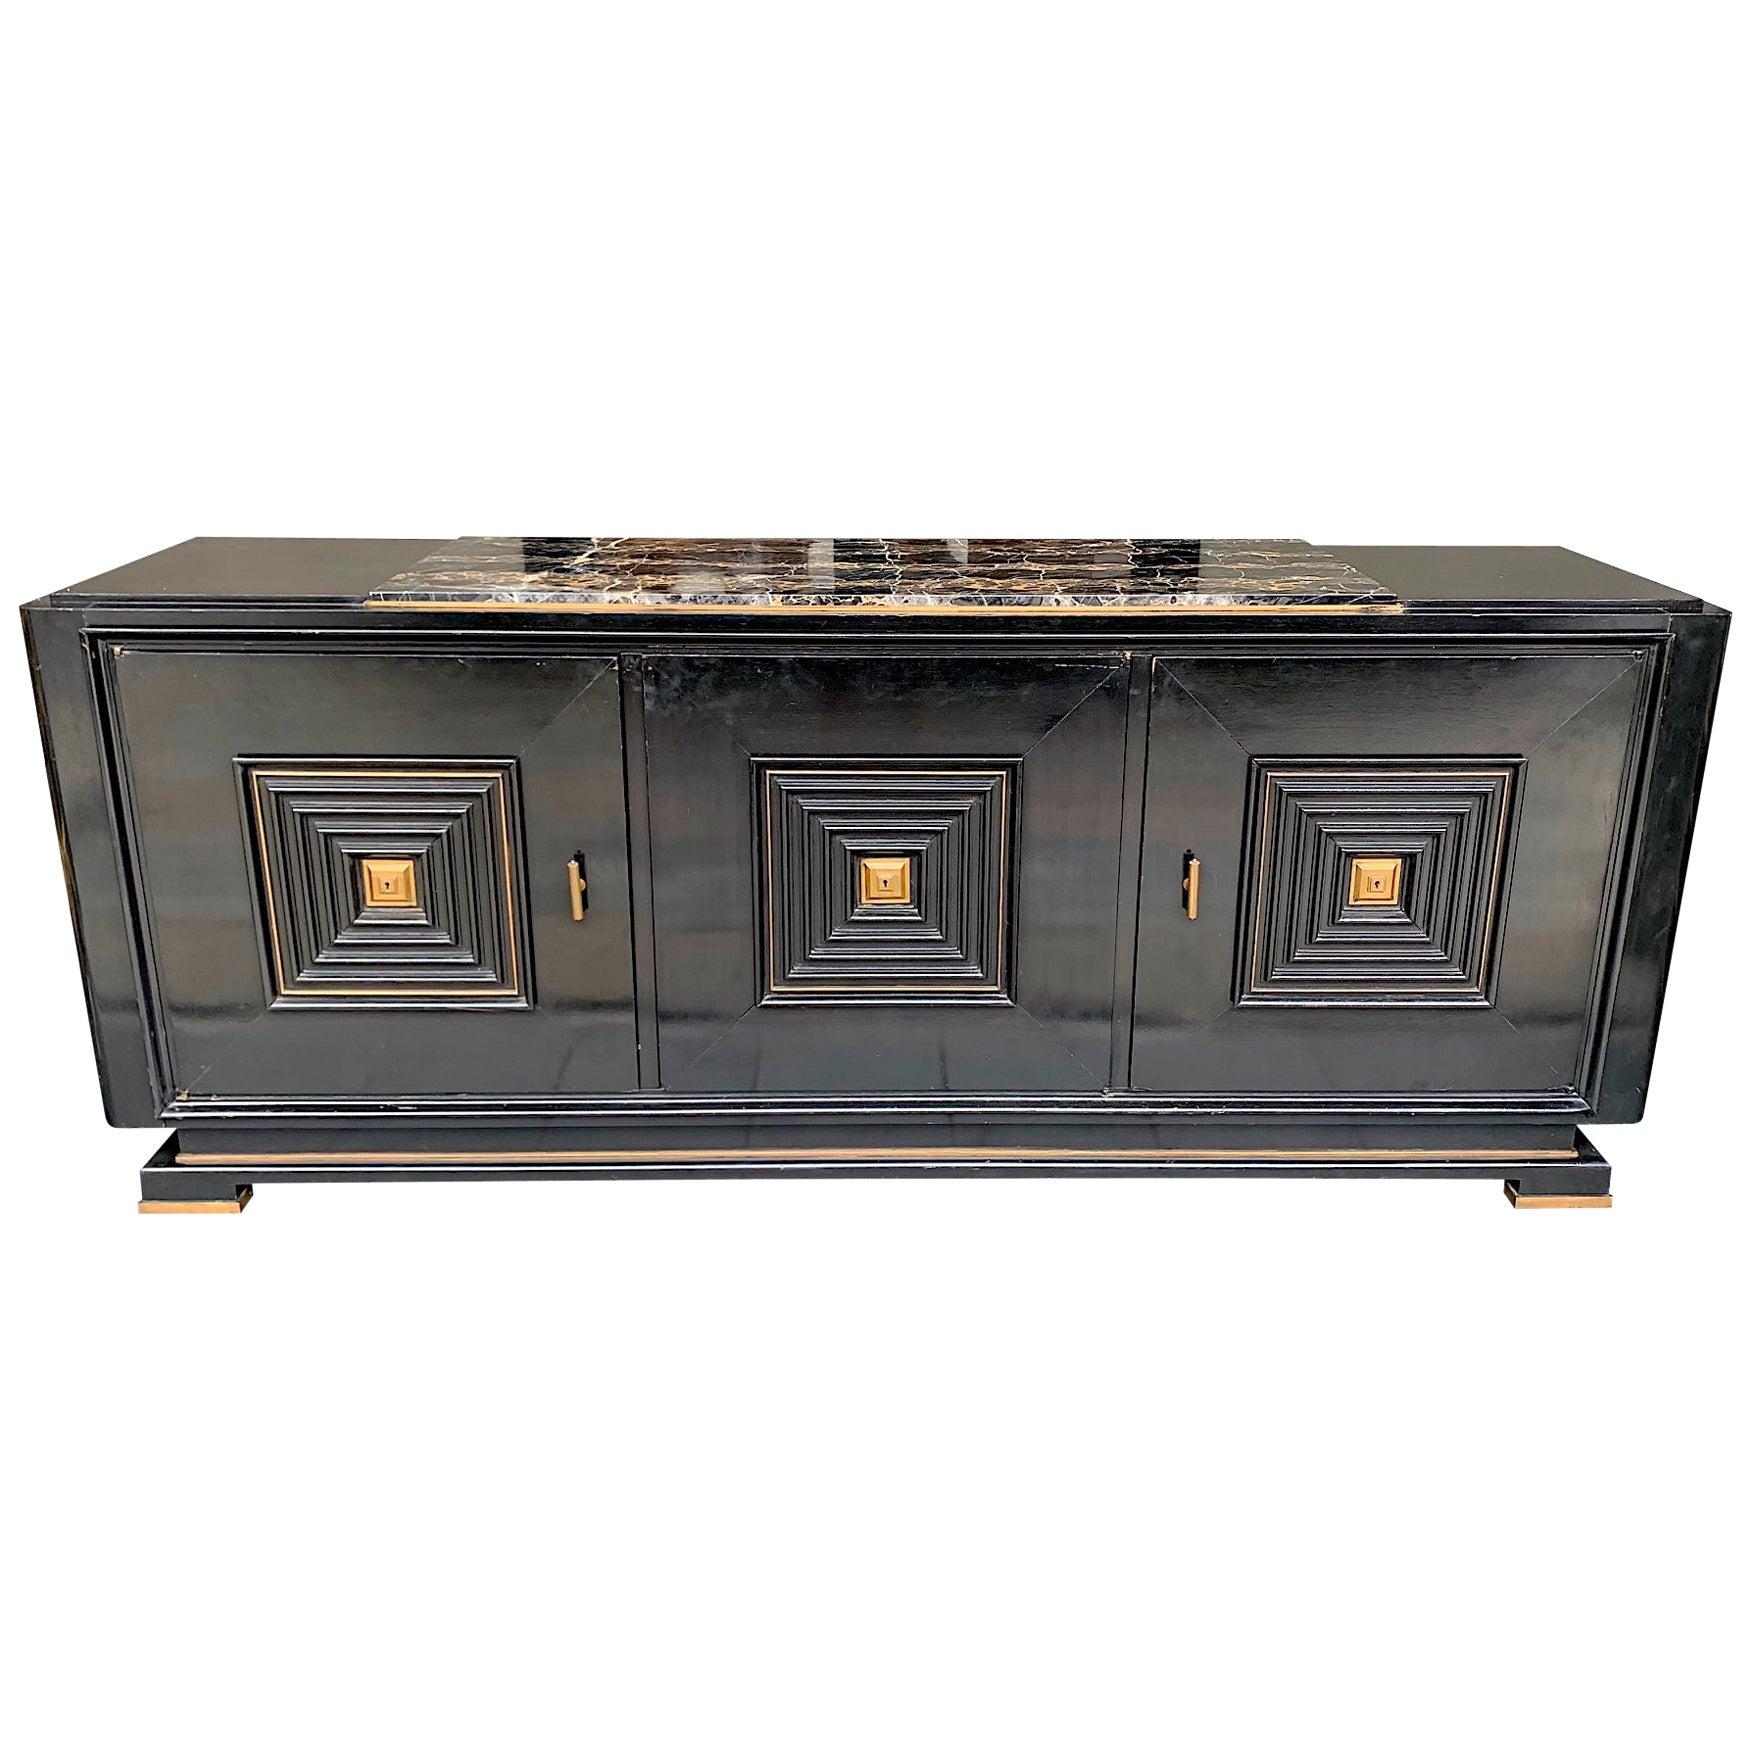 Quality Art Deco Ebonized Three-Door Sideboard with Nero Portoro Marble Top